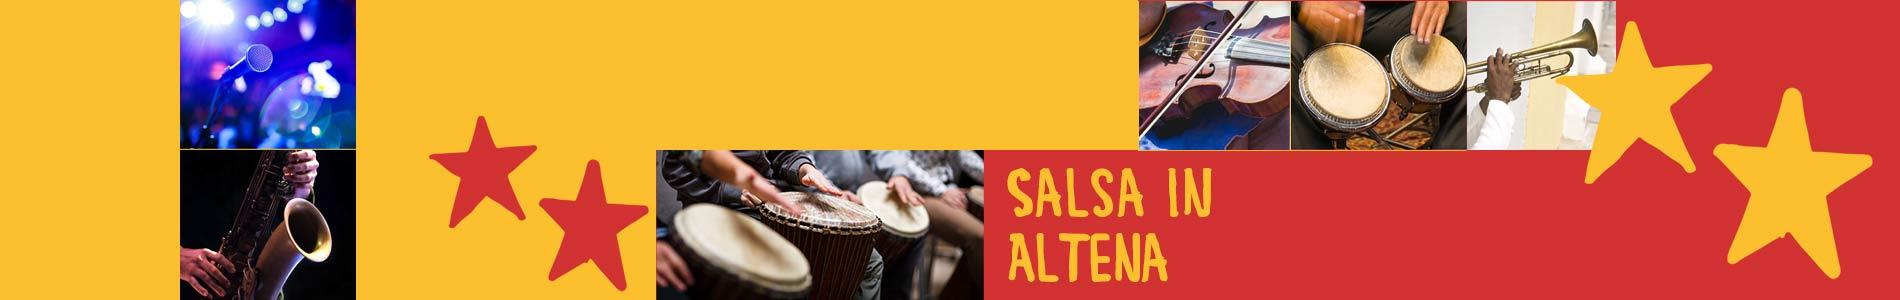 Salsa in Altena – Salsa lernen und tanzen, Tanzkurse, Partys, Veranstaltungen